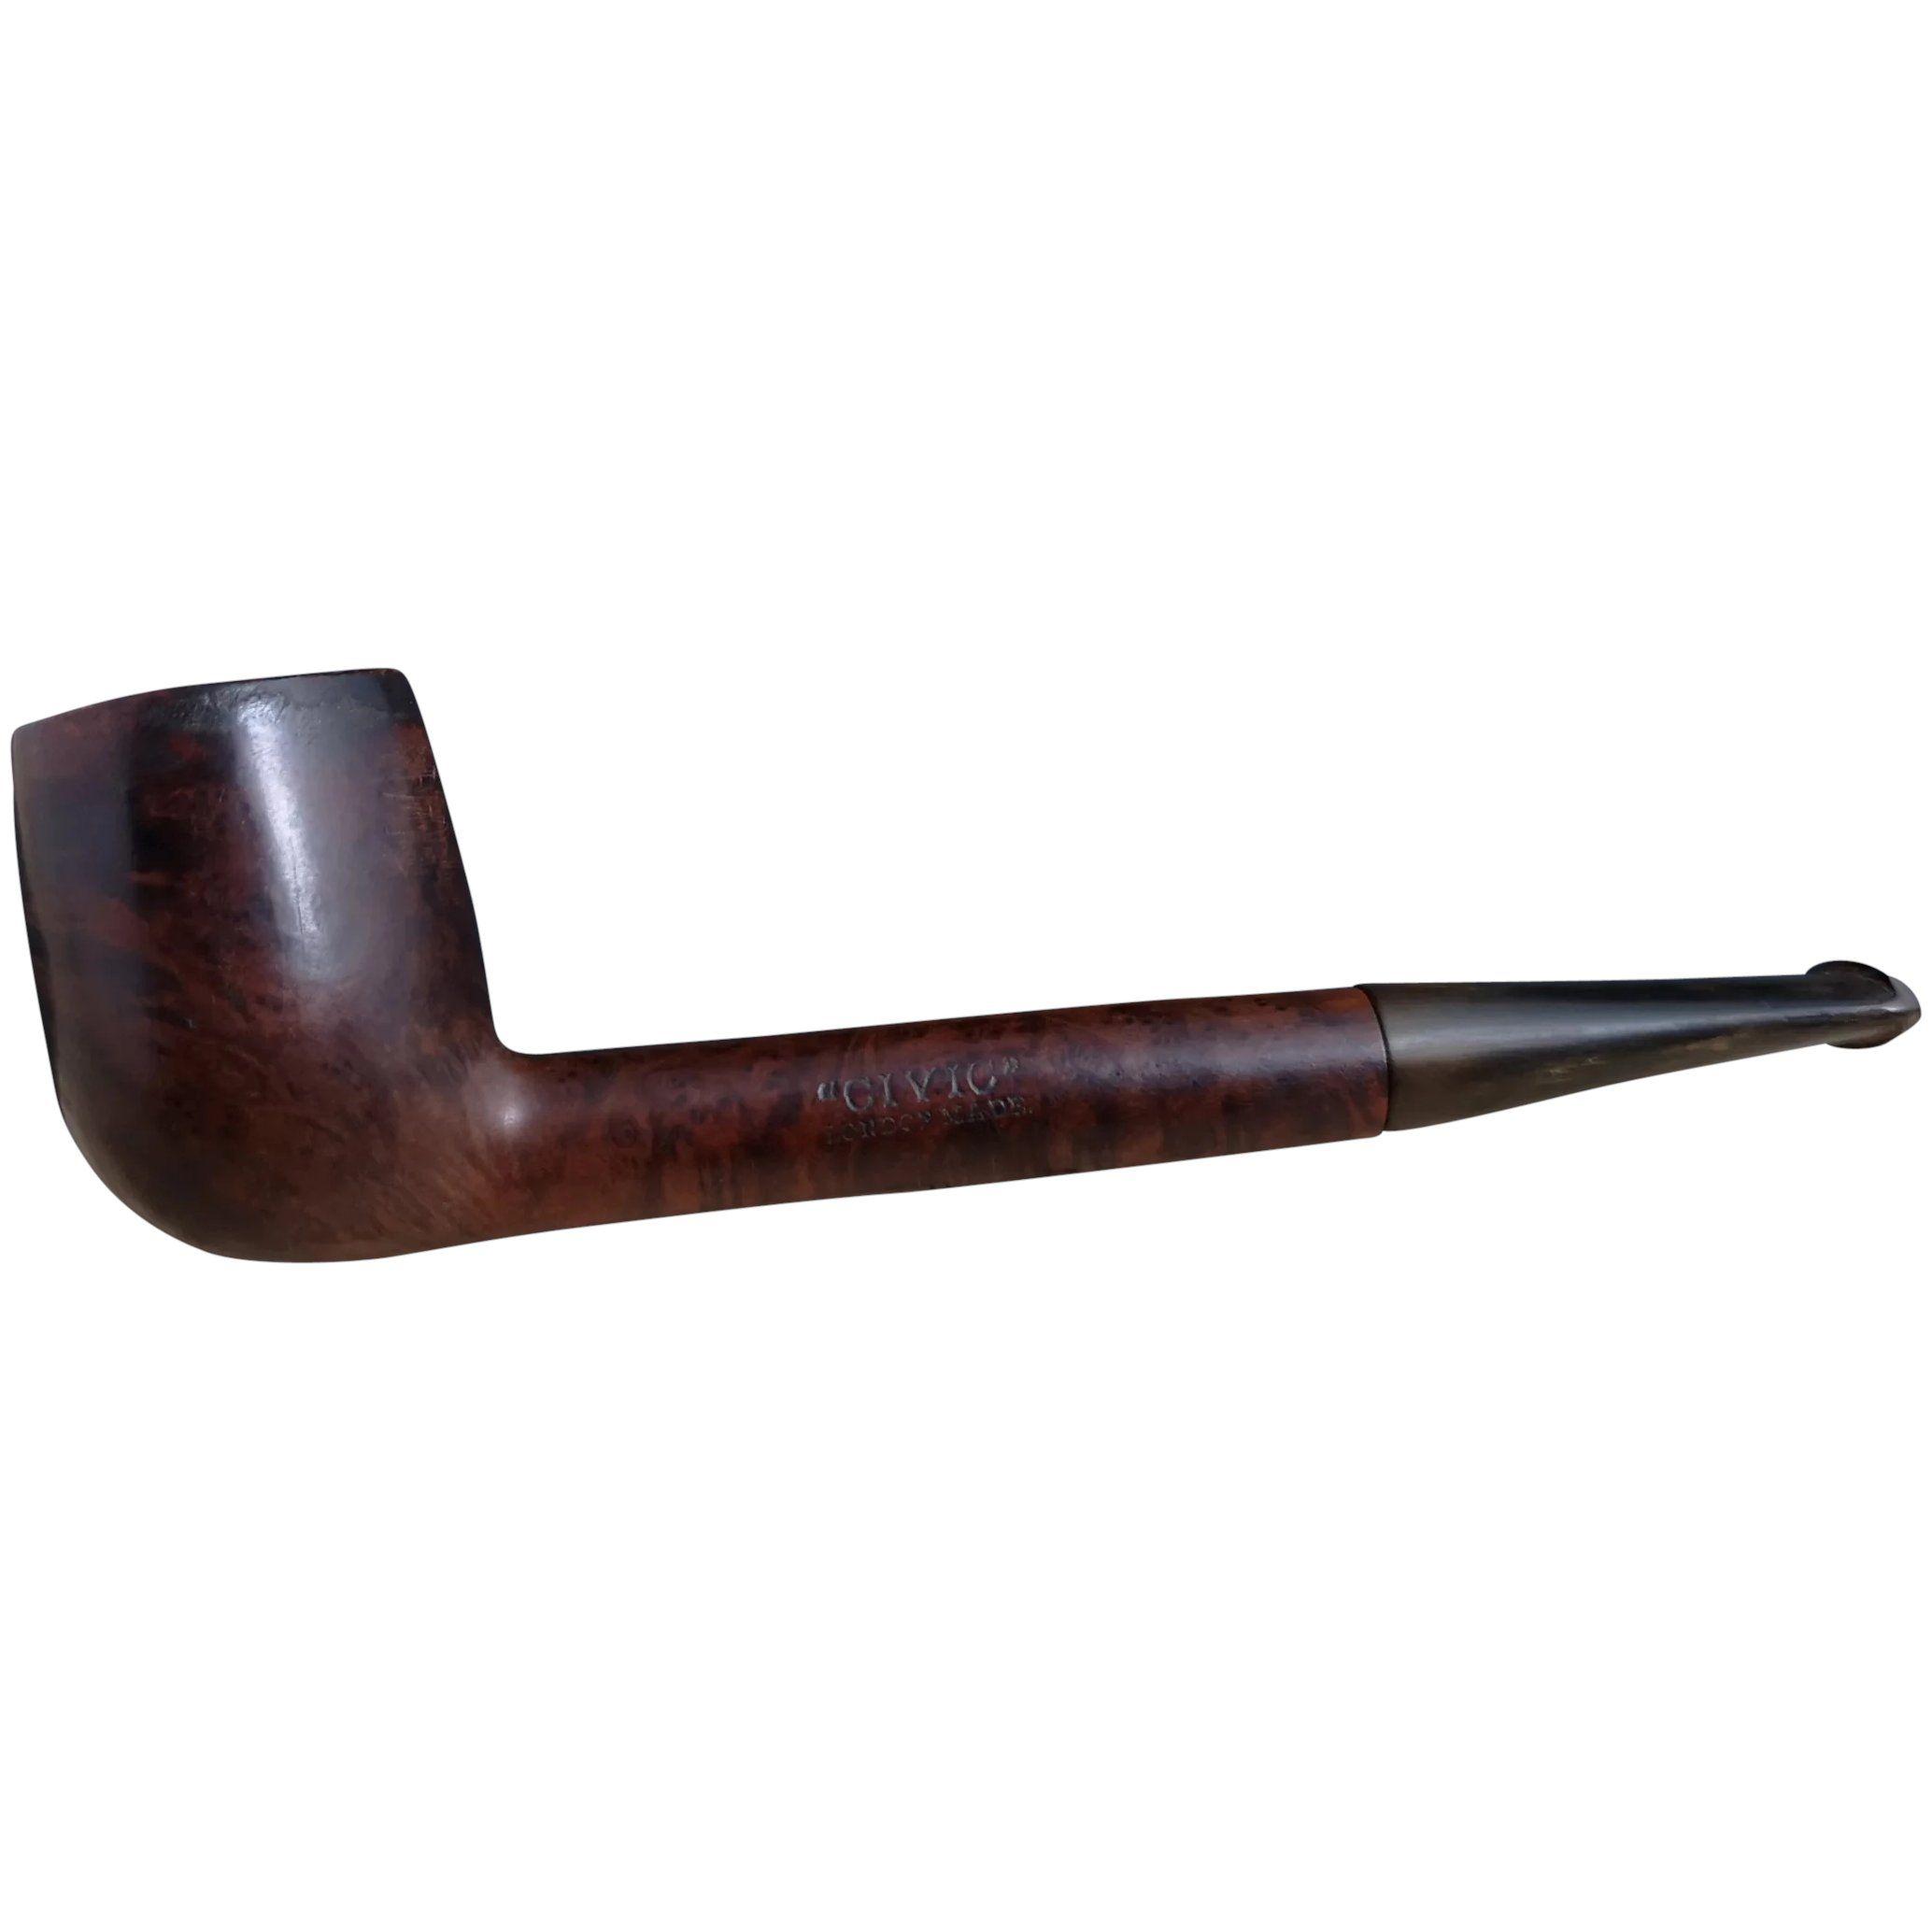 English Burl wood Pipe